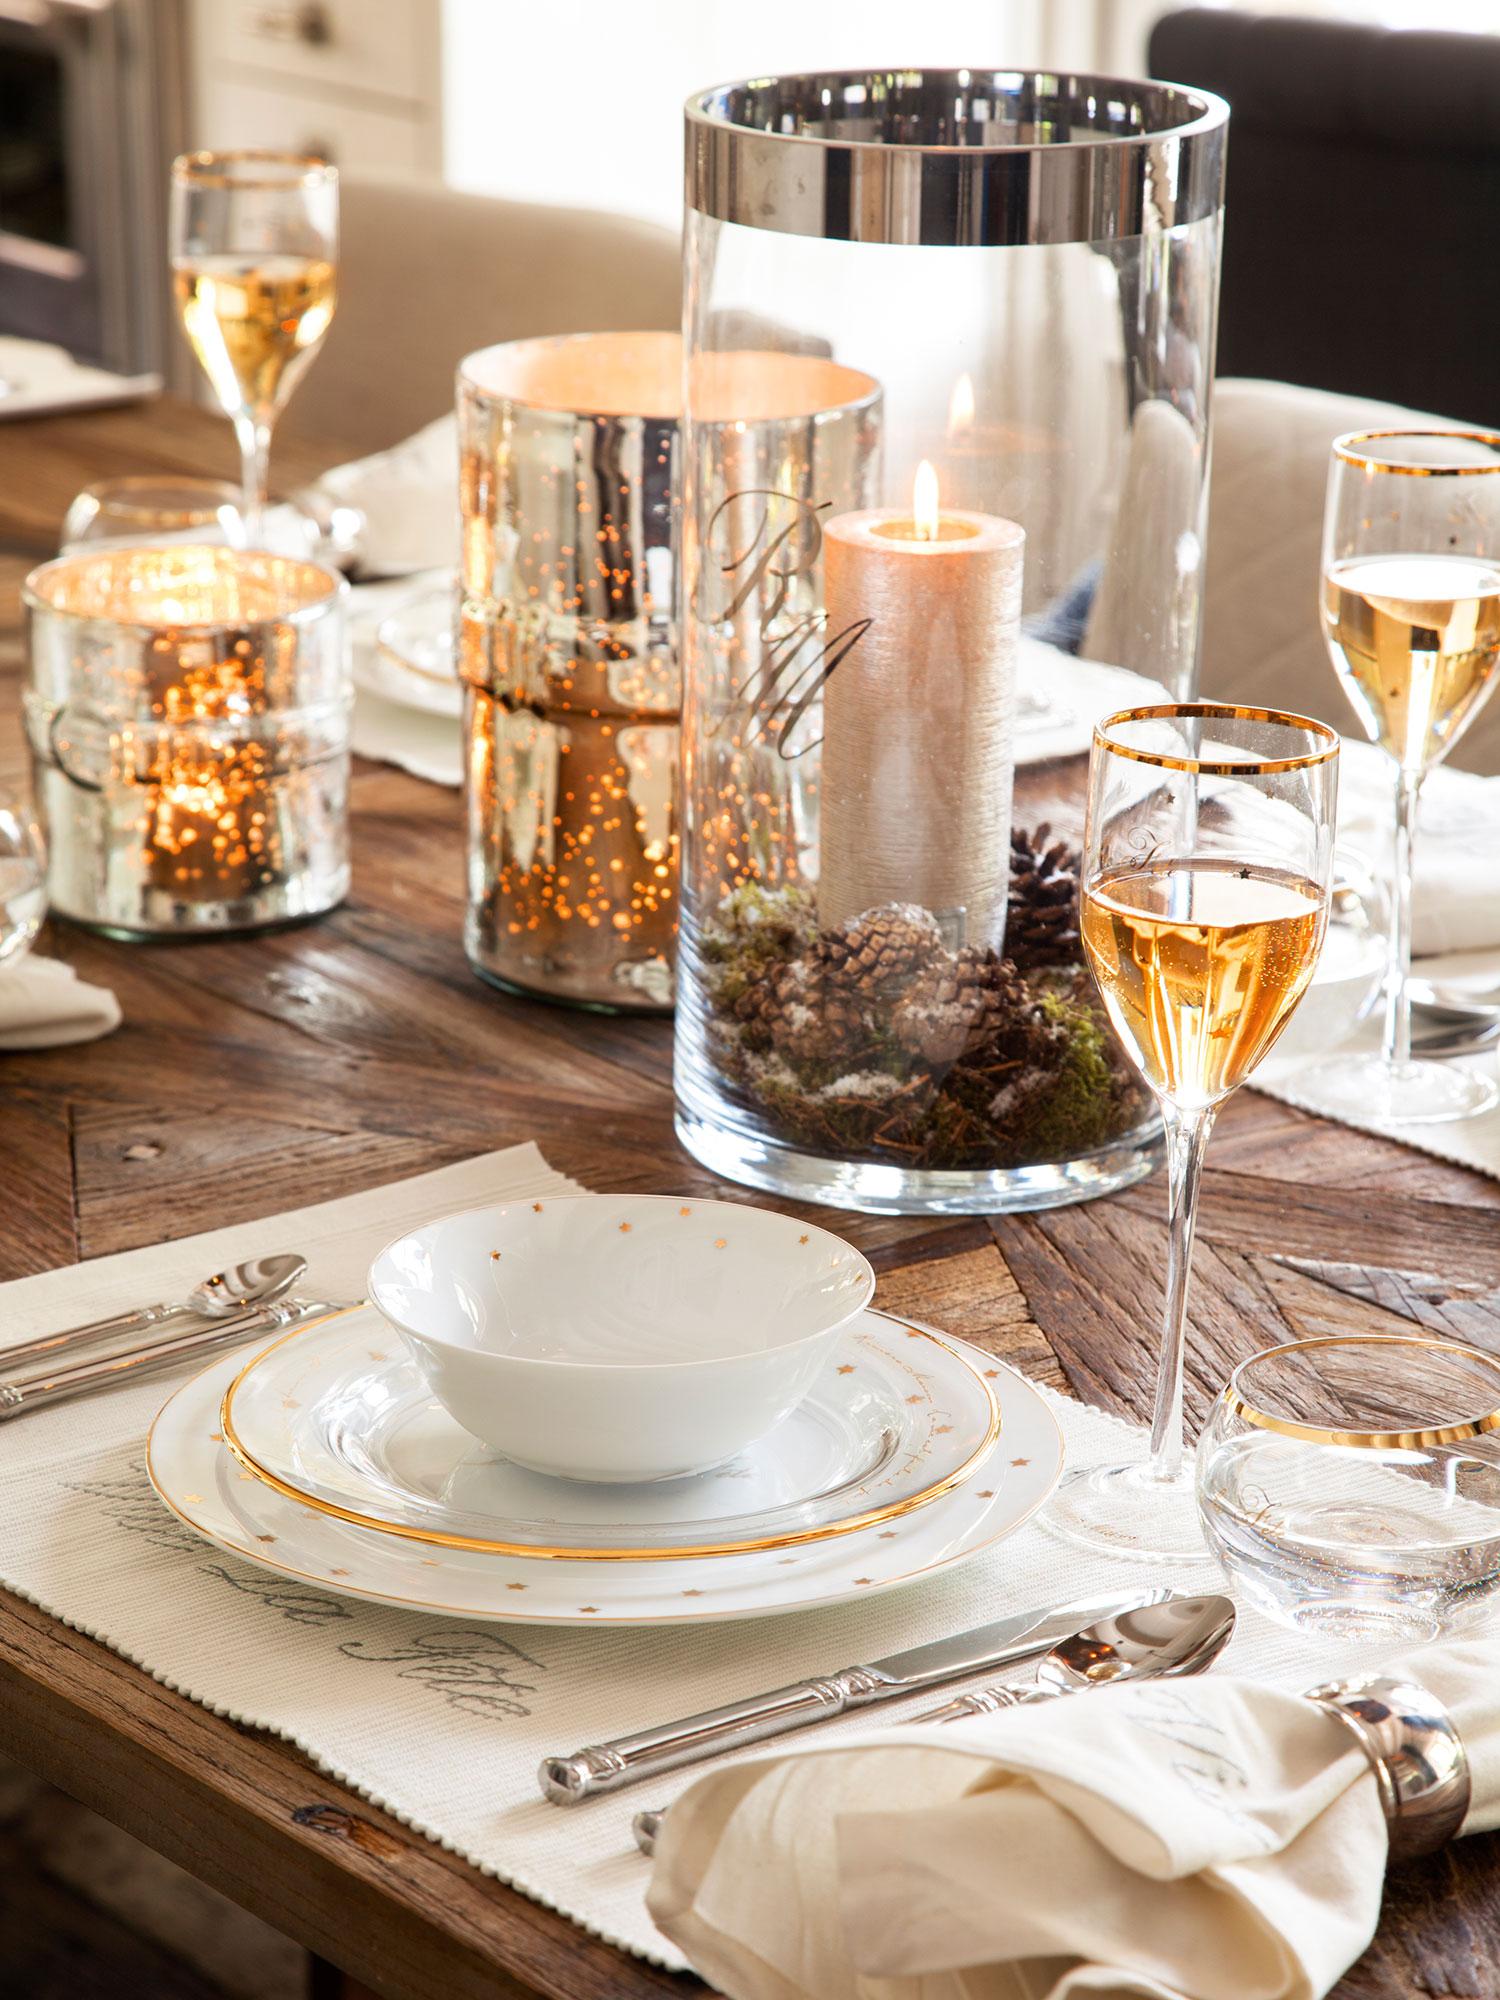 Navidad 15 ideas para decorar de fiesta tu casa - Ideas para decorar casa ...